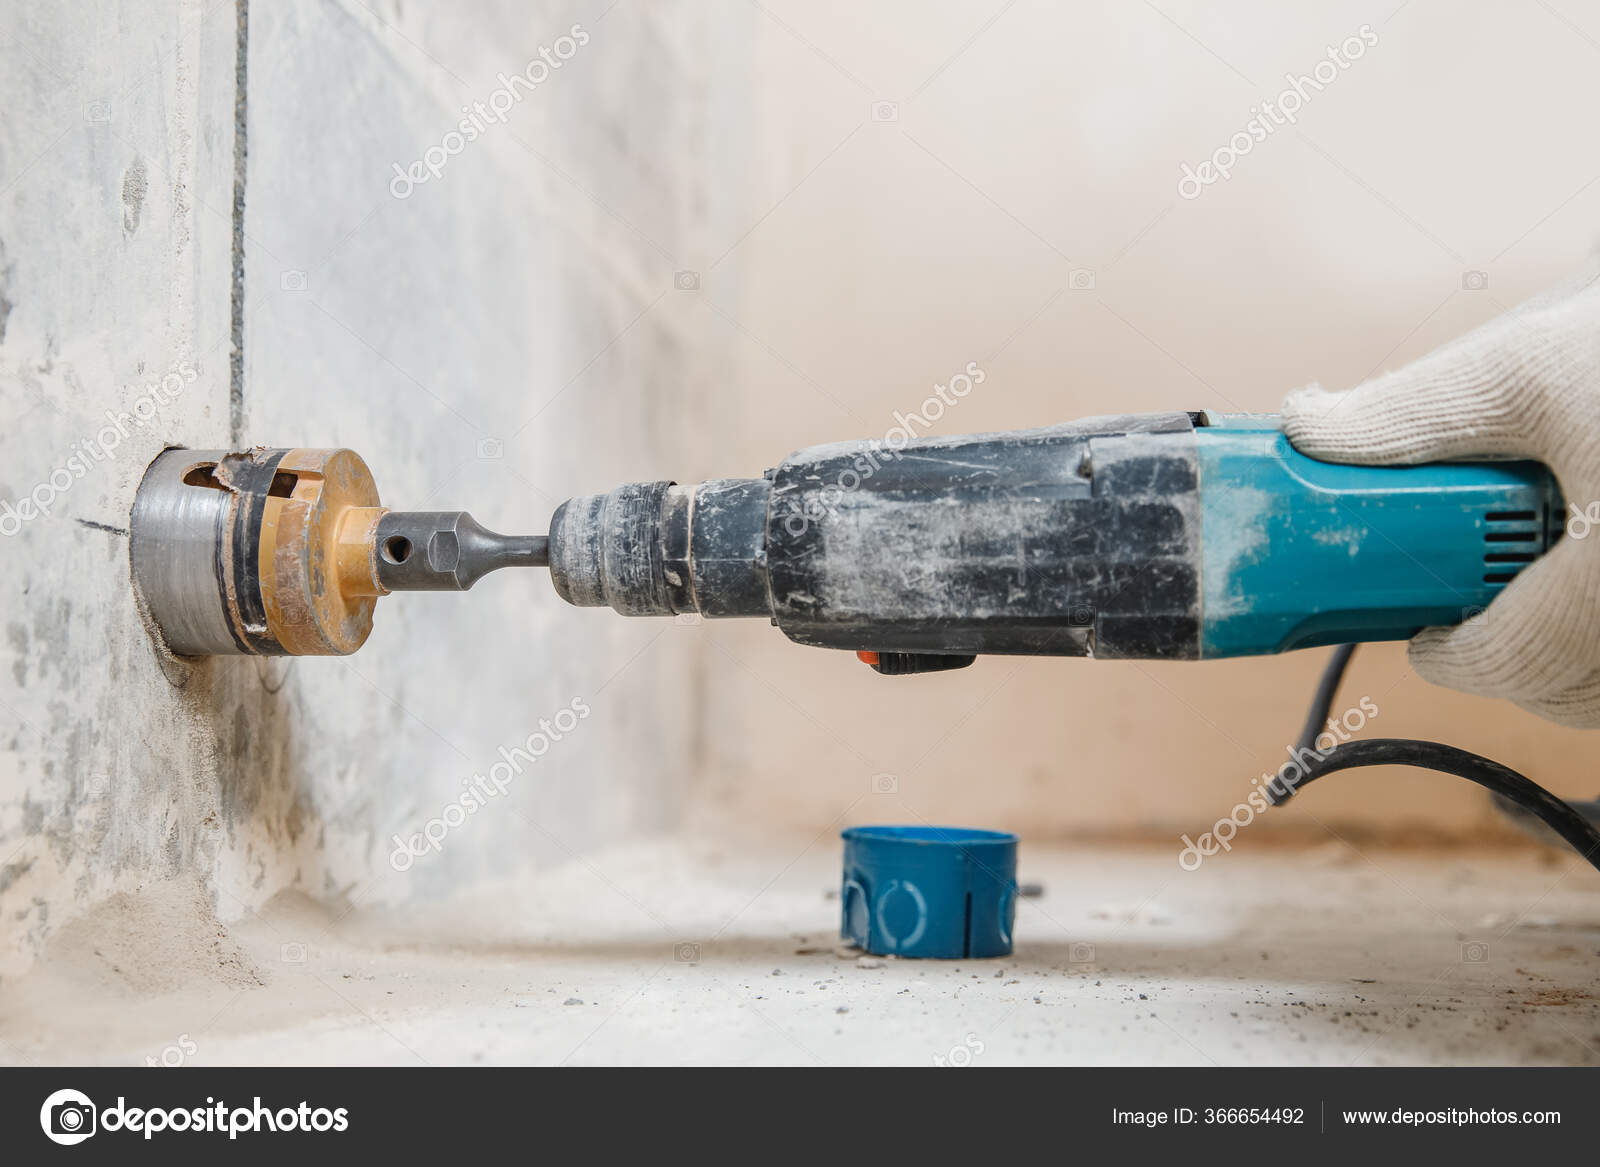 Как просверлить бетонную стену, обычной дрелью без перфоратора или сверлить отверстие правильно шуруповертом? чем лучше и быстрее сделать дырку?